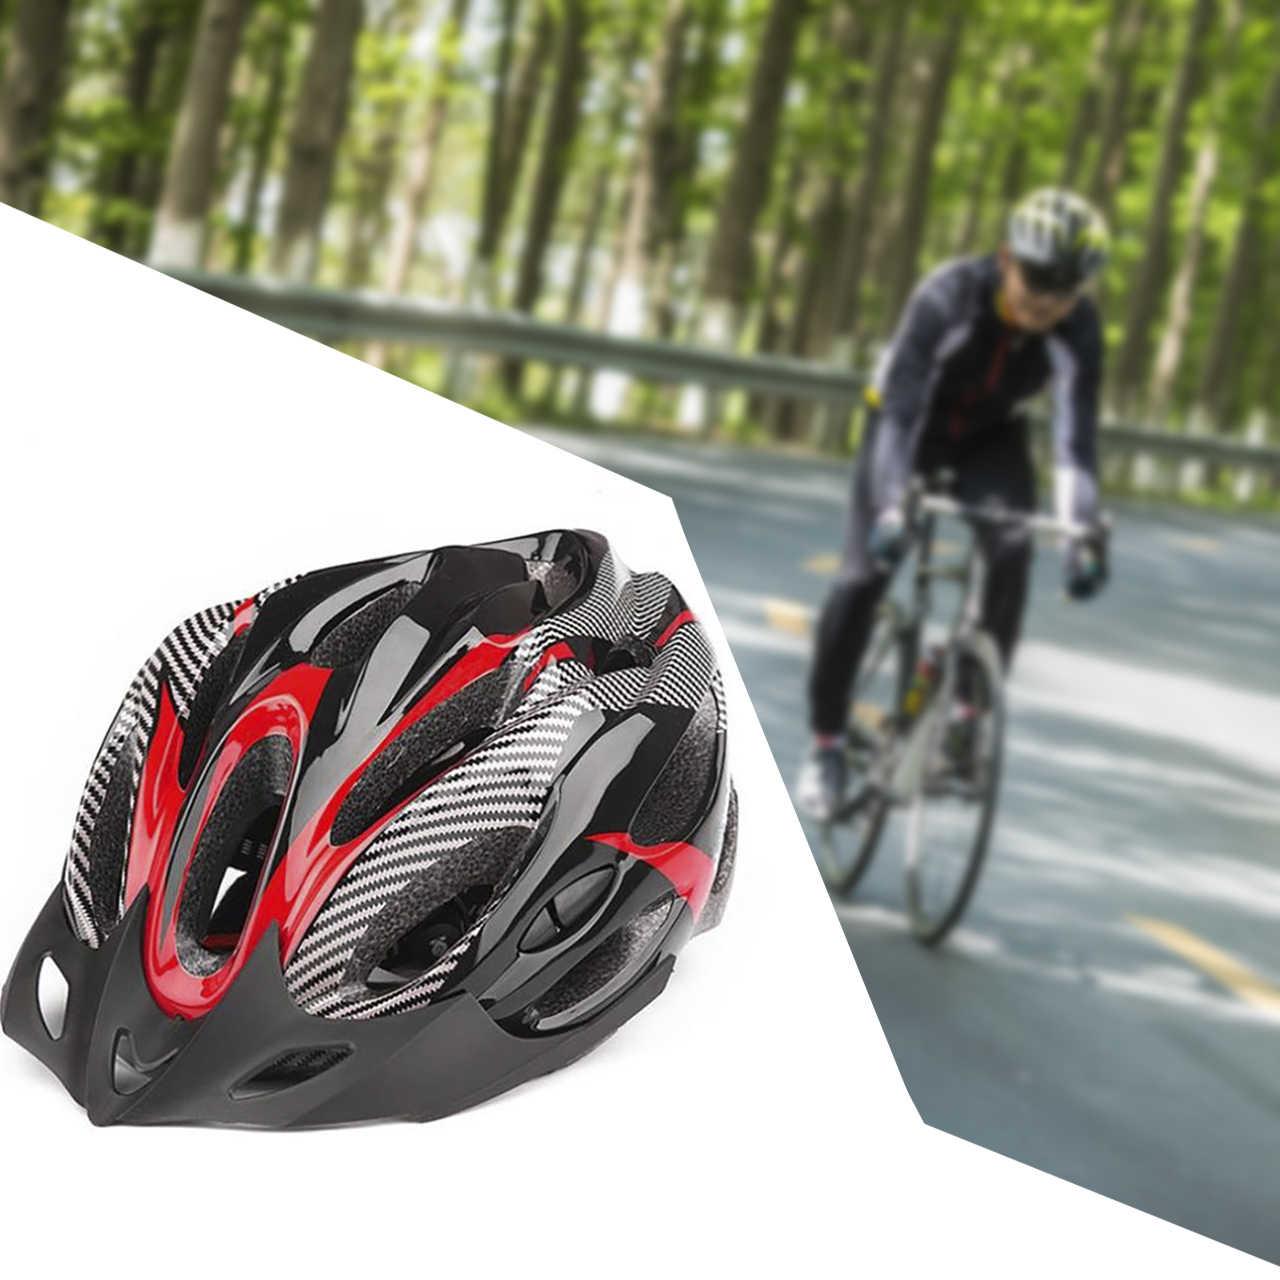 אופני אופניים רכיבה מגן קסדת 21 חורים לנשימה רכיבה על אופניים ספורט בטיחות ראש ציוד קסדת עמיד מתכוונן חיצוני